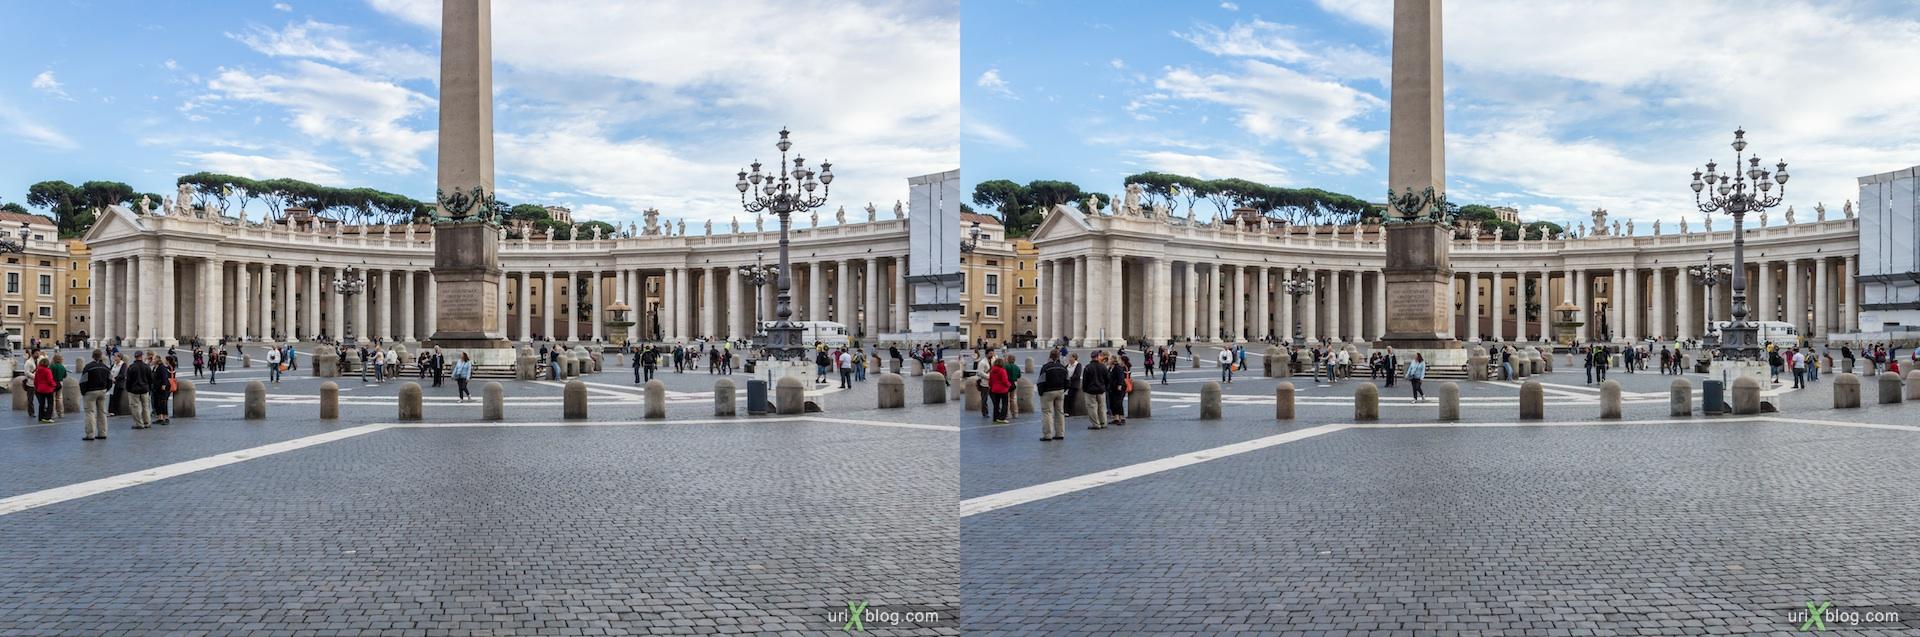 2012, Площадь Святого Петра, Ватикан, Рим, Италия, 3D, перекрёстные стереопары, стерео, стереопара, стереопары